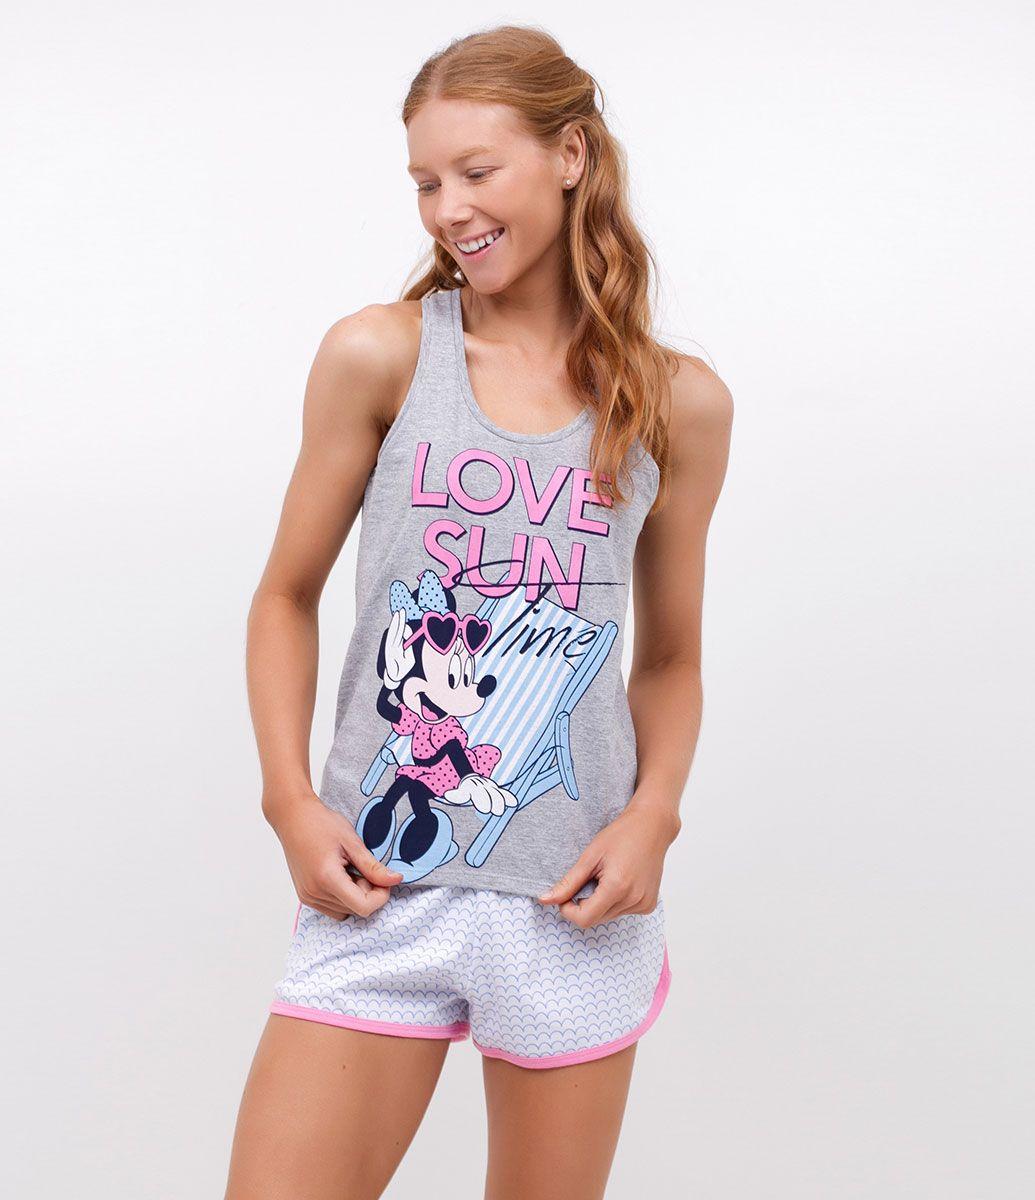 e07945dbf Short doll feminino Ragta nadador Com estampa Minnie Mouse Com short  estampado Marca: Disney Tecido: meia malha Modelo veste tamanho: P COLEÇÃO  VERÃO 2017 ...